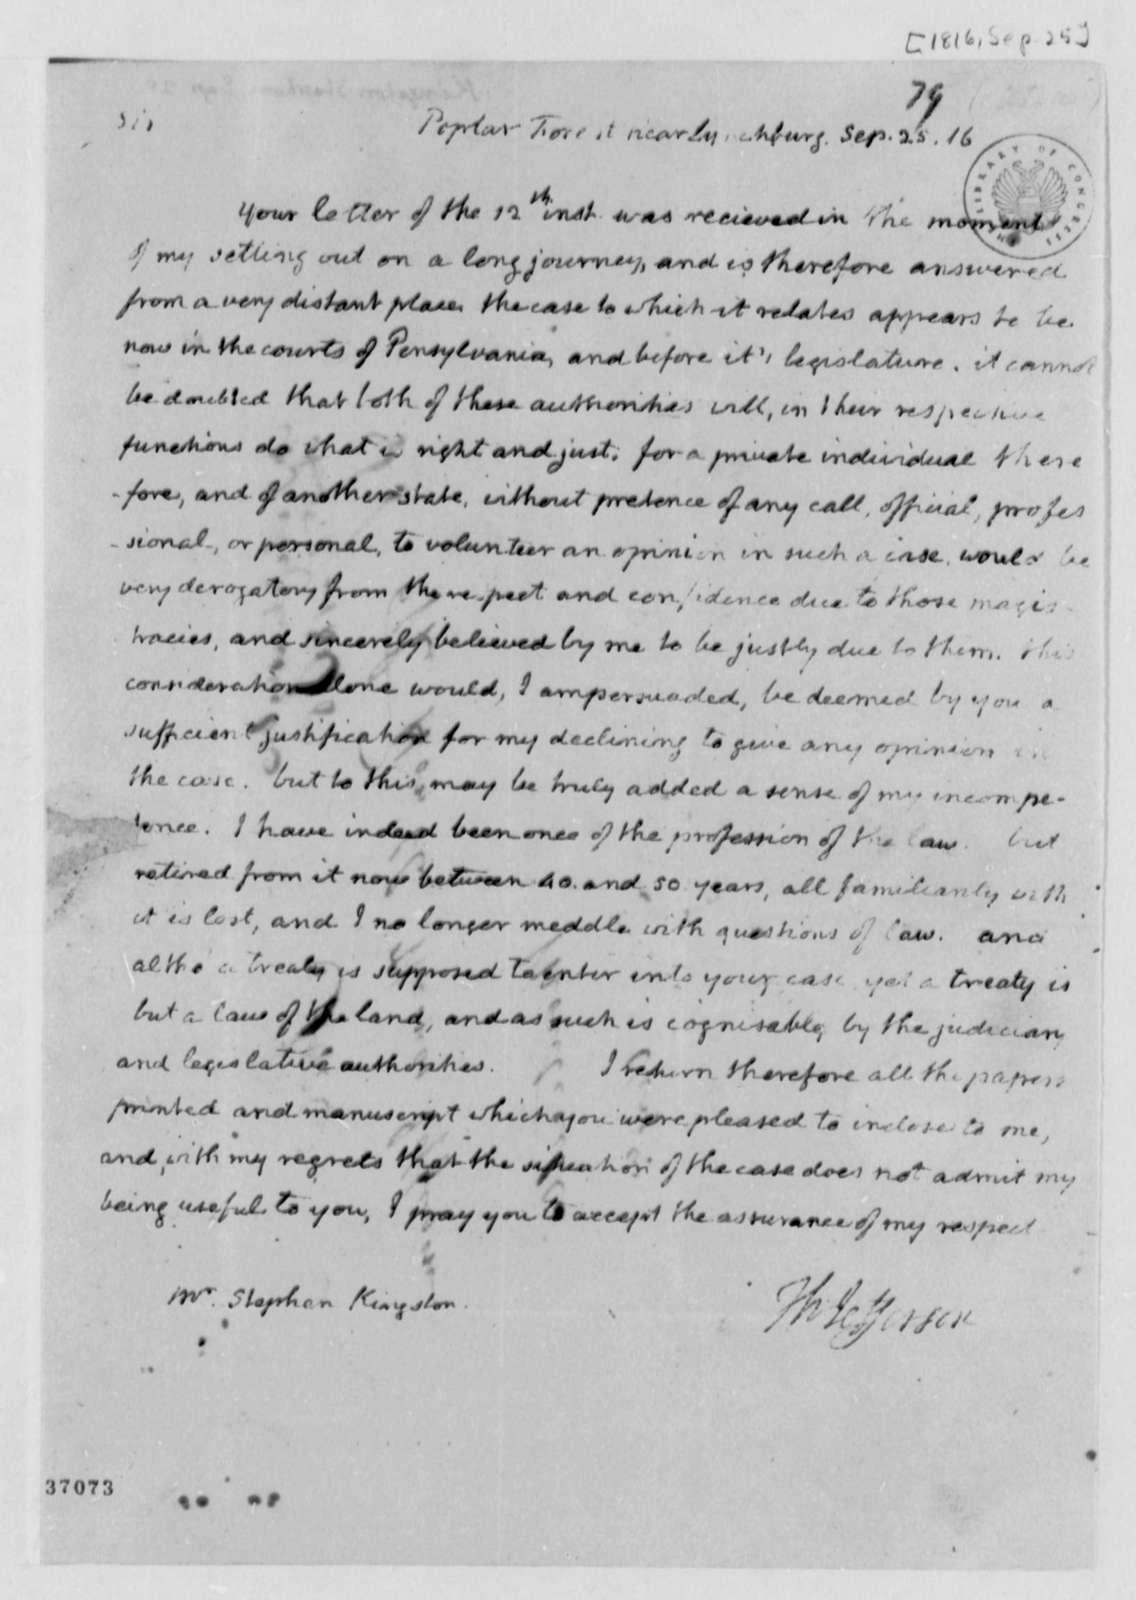 Thomas Jefferson to Stephen Kingston, September 25, 1816